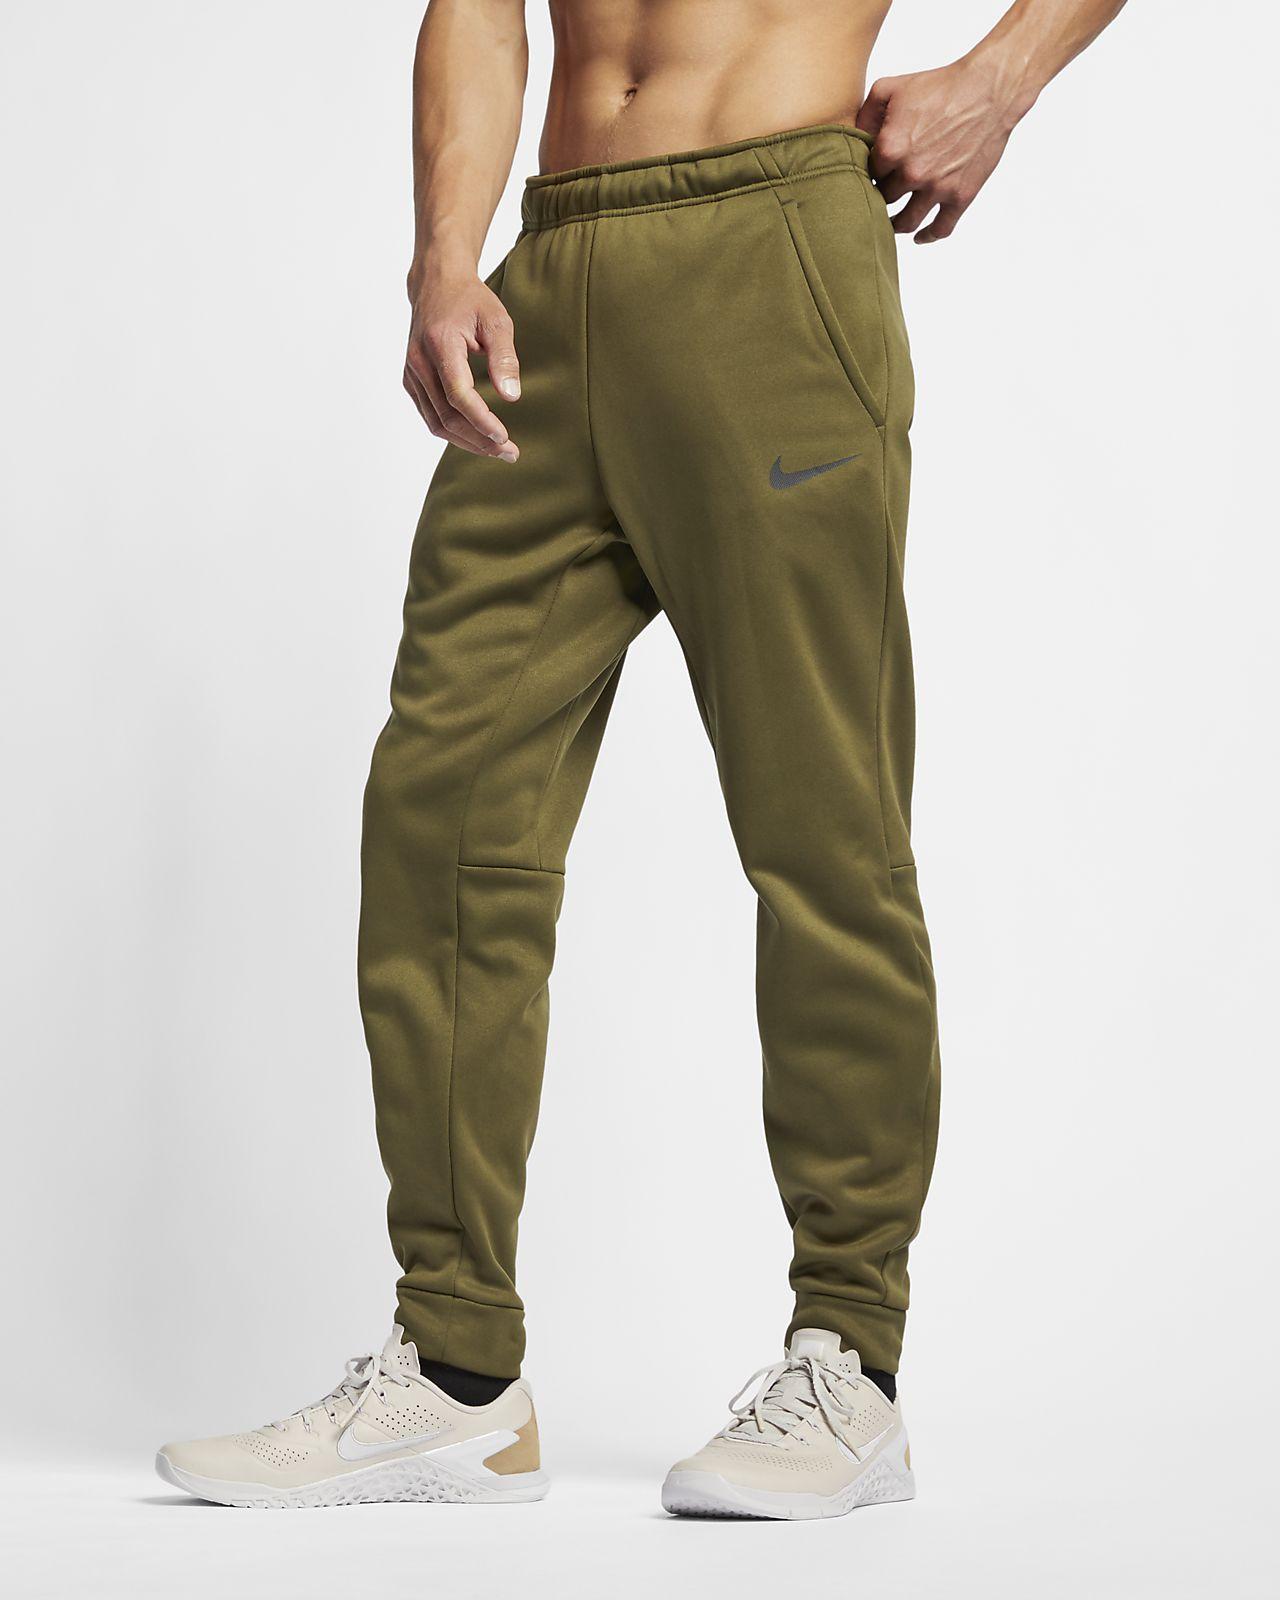 Entallados Entrenamiento Therma Para Hombre Pantalones Nike De w1vABz8